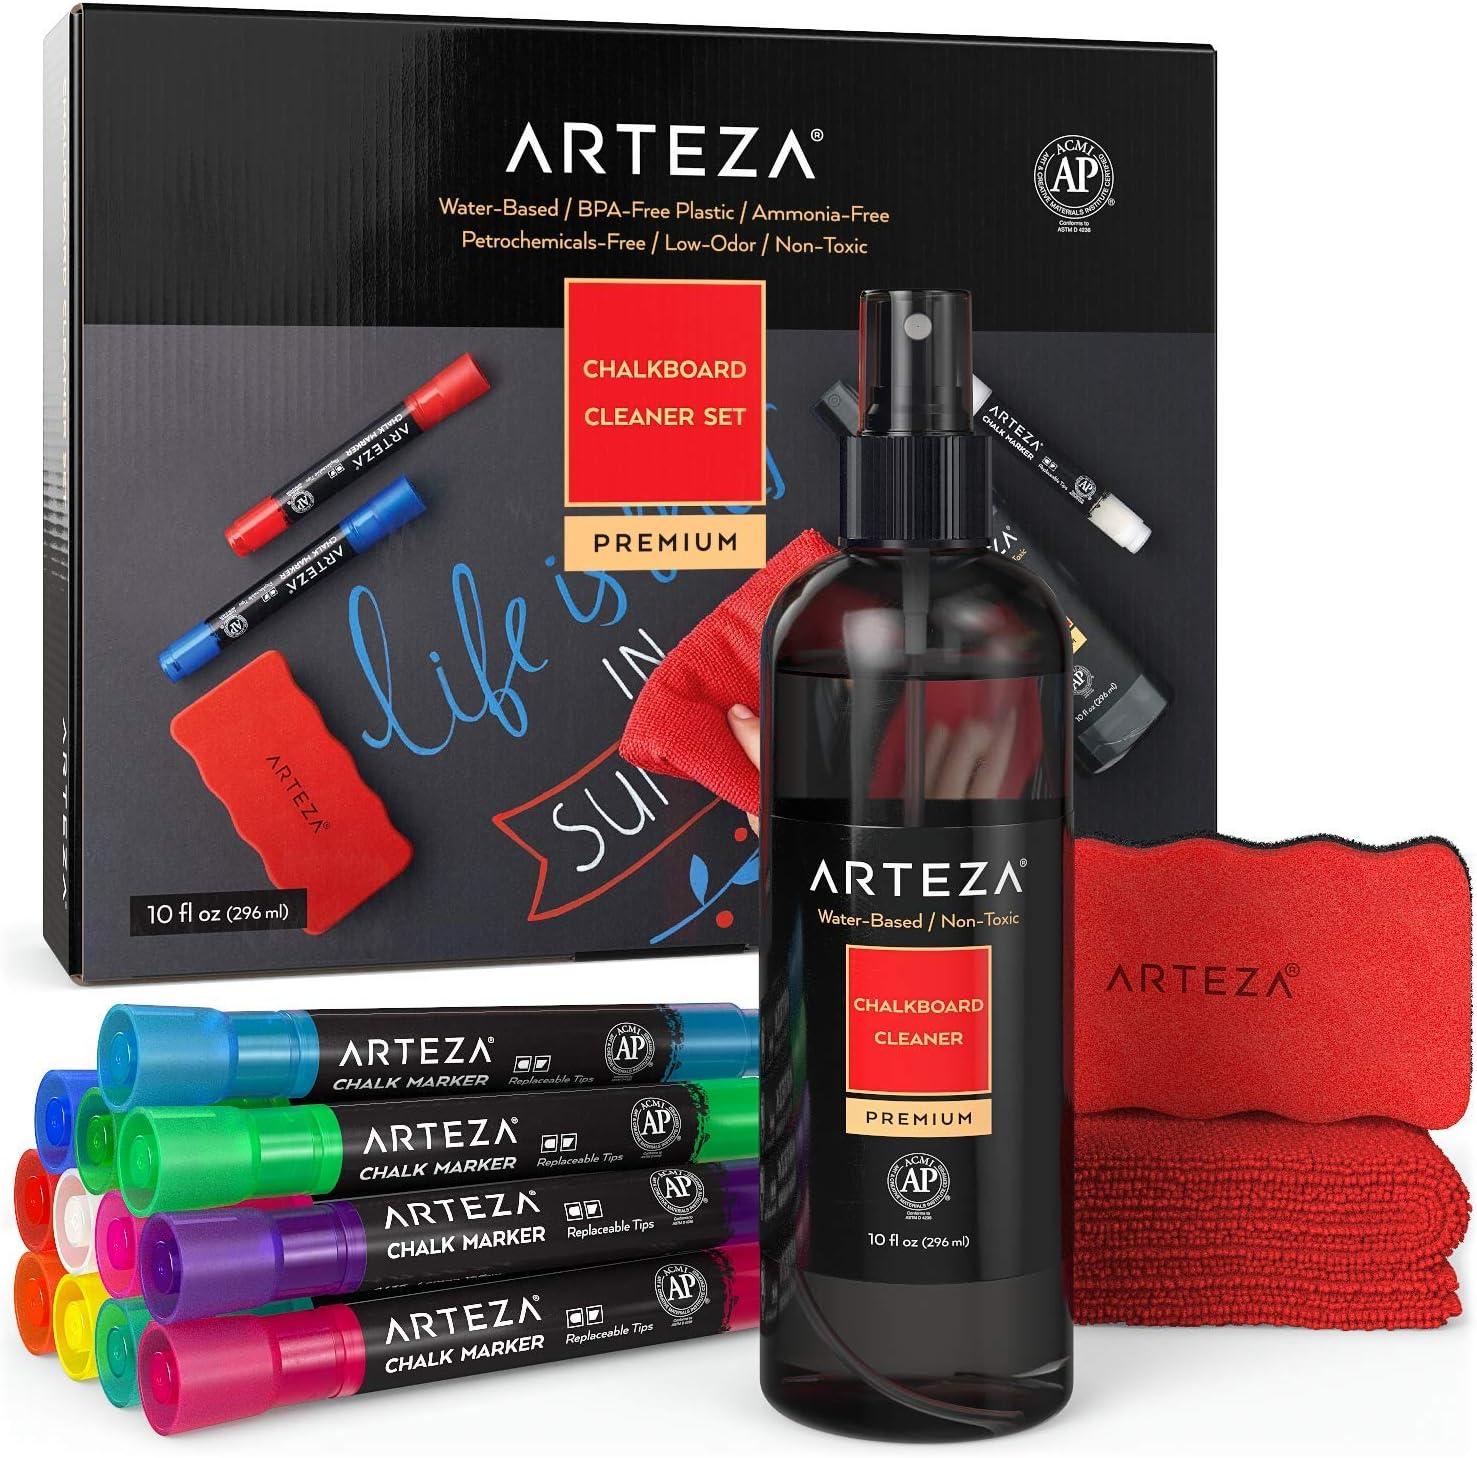 ARTEZA Kit de limpieza de pizarra con 12 rotuladores de tiza de colores + borrador magnético + líquido limpiador de 296 ml + 1 paño de tela de microfibra | Ideal para pizarras y tableros de menú